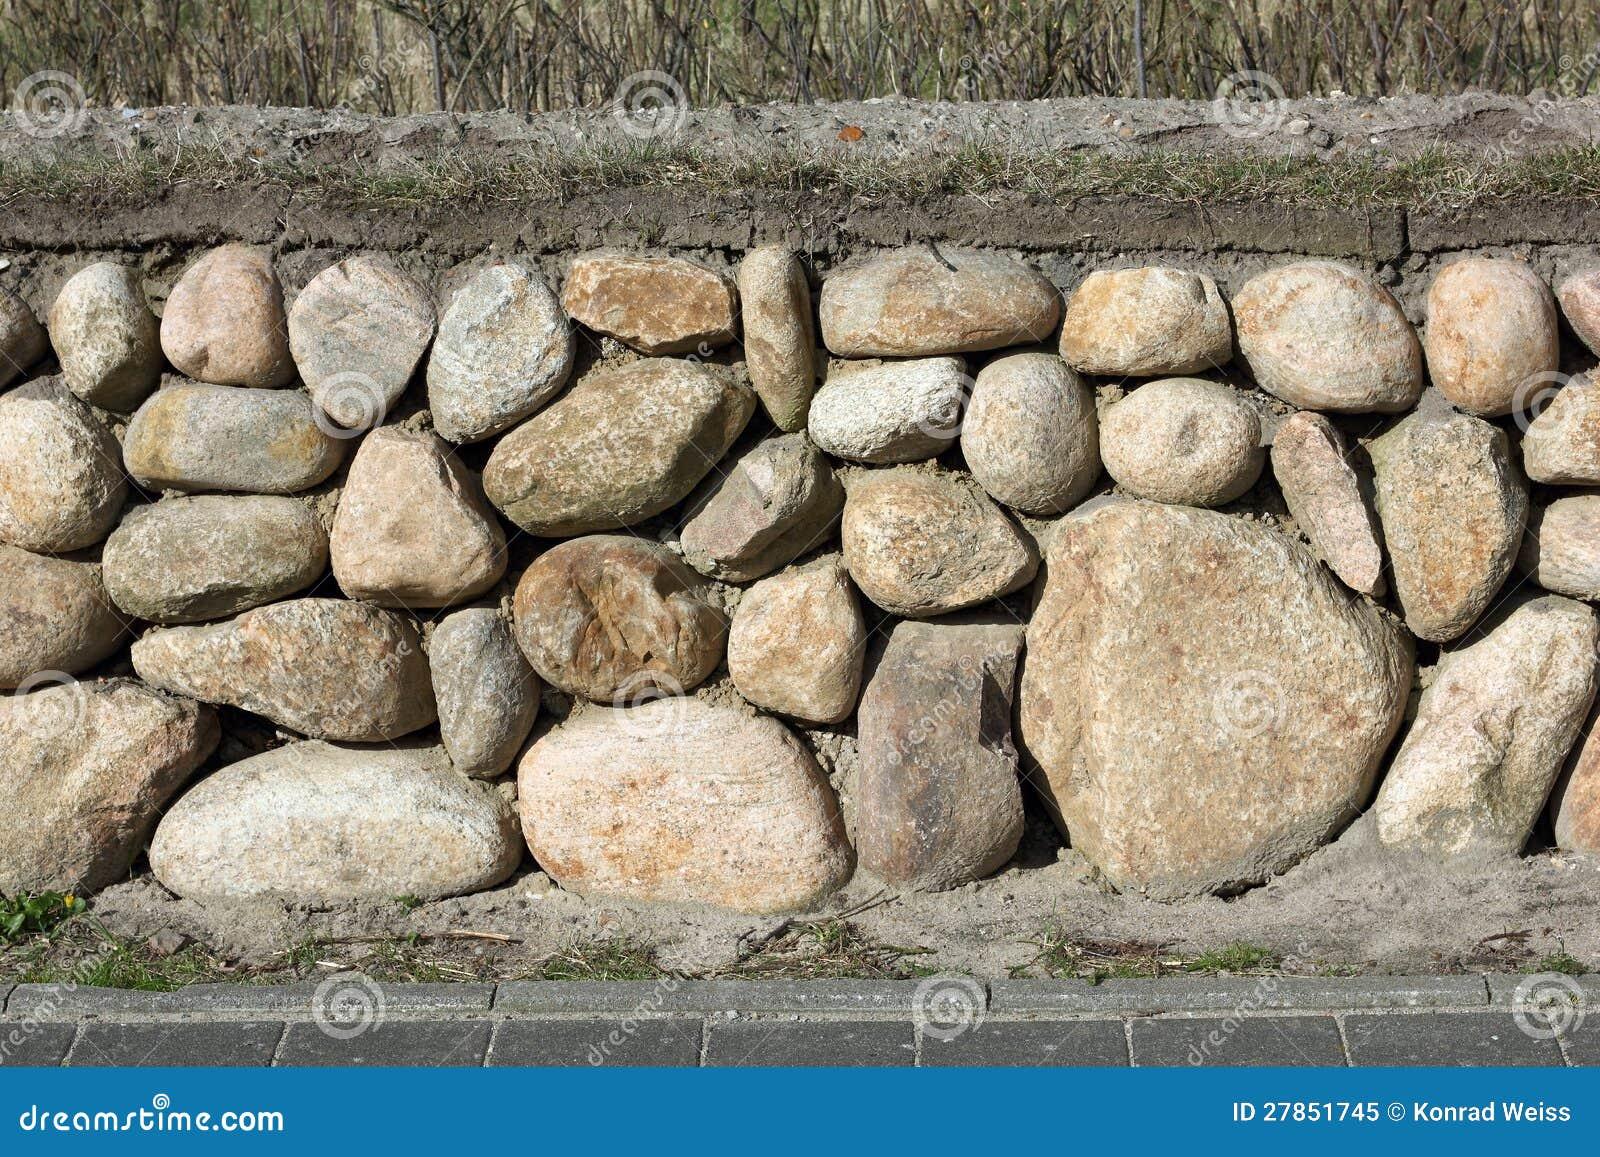 Fryzyjska kamienna ściana na wyspie Sylt, Niemcy